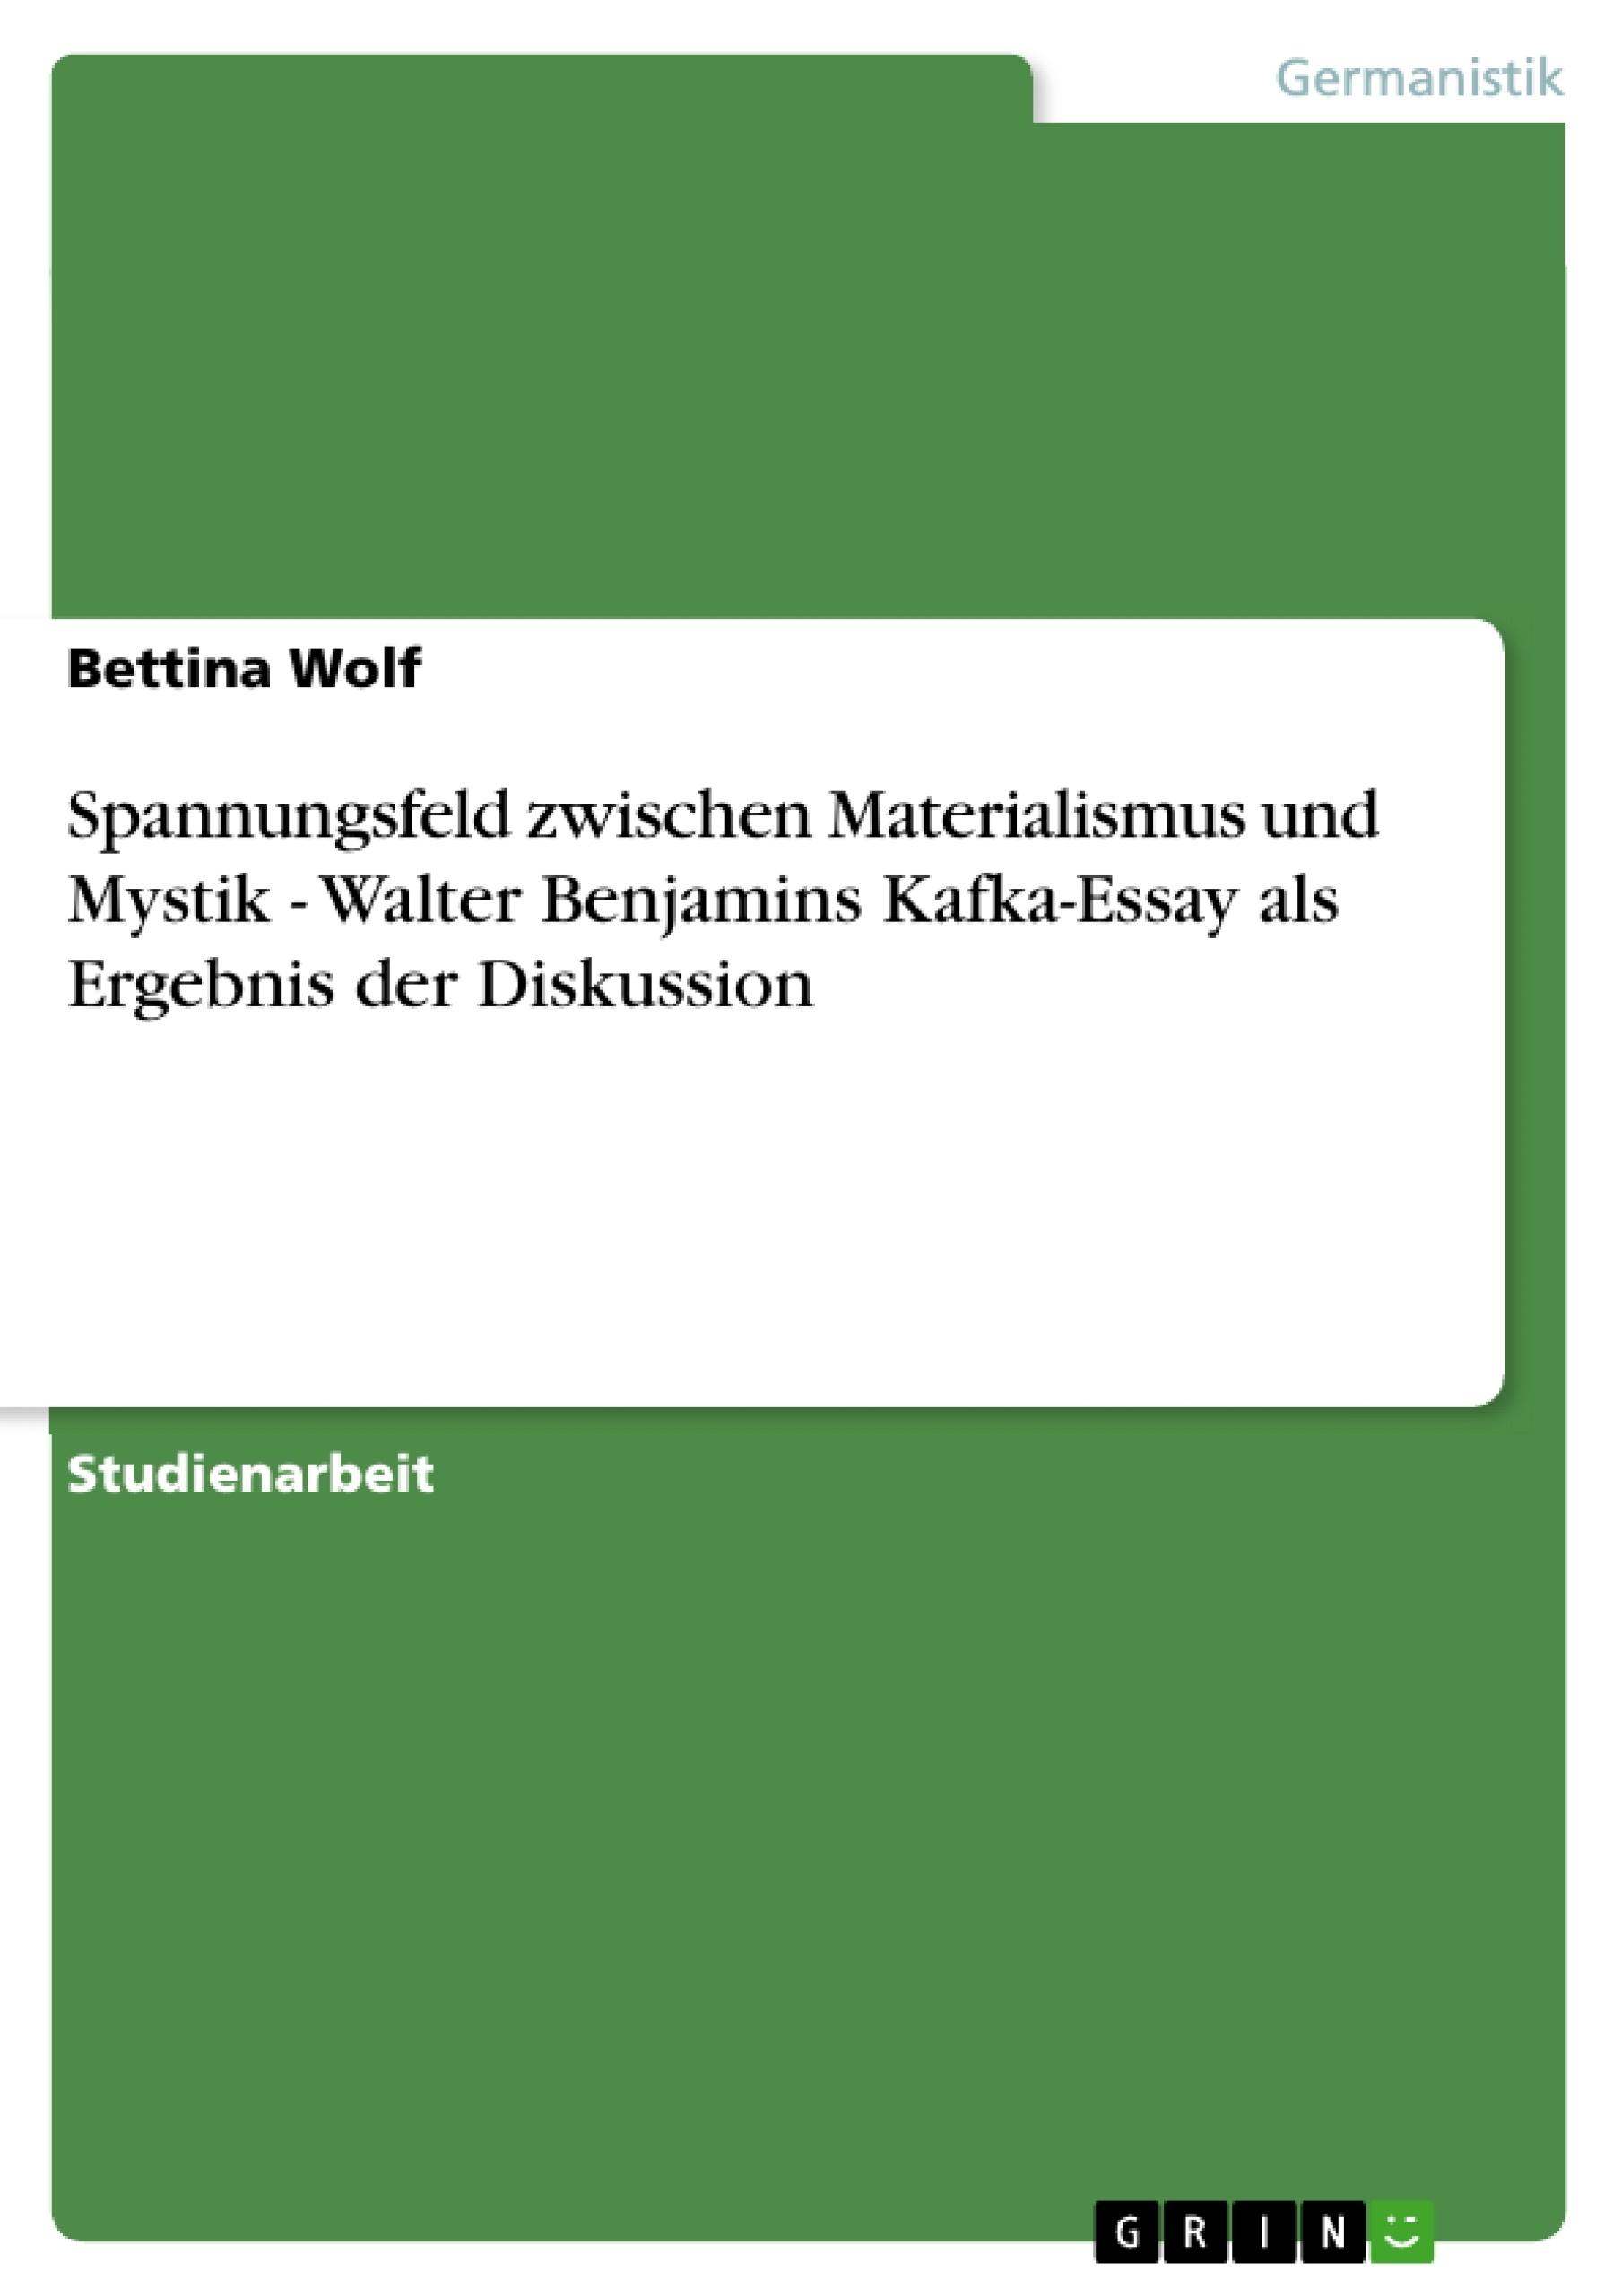 Titel: Spannungsfeld zwischen Materialismus und Mystik - Walter Benjamins Kafka-Essay als Ergebnis der Diskussion